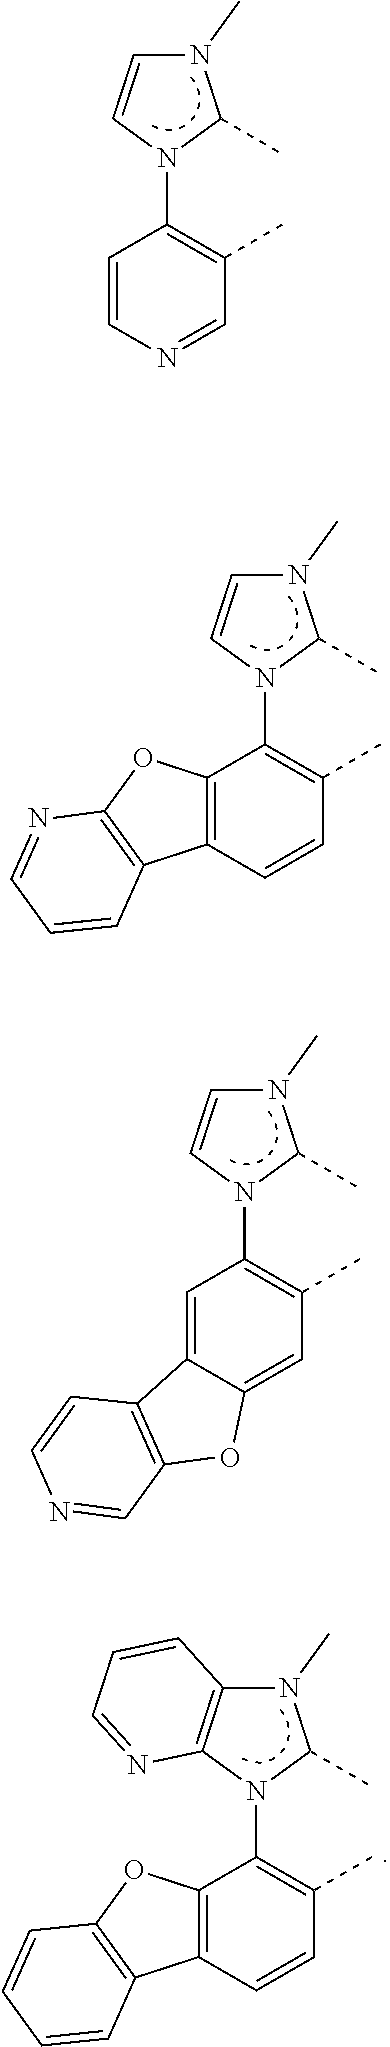 Figure US09773985-20170926-C00278